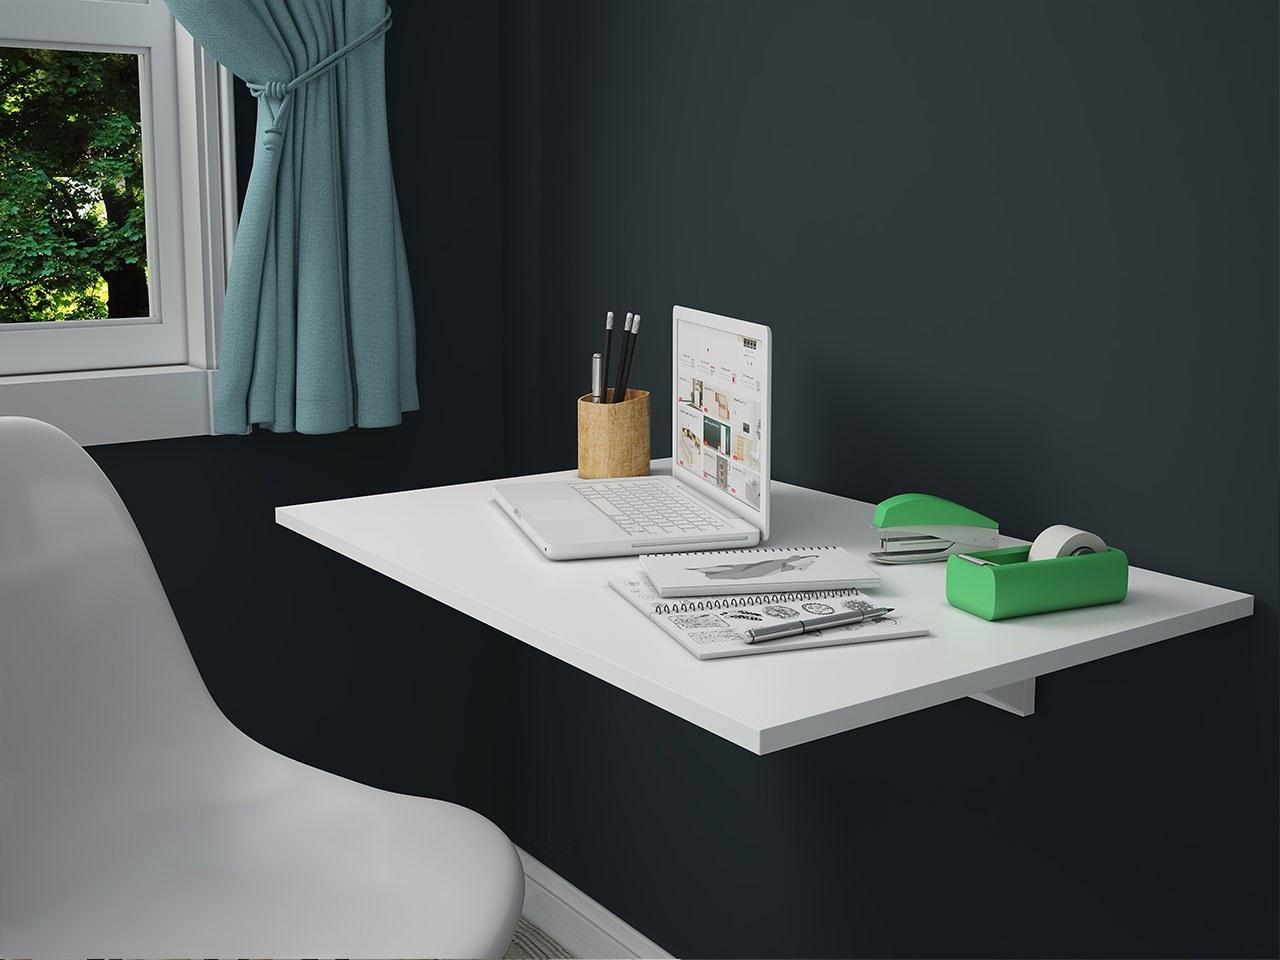 عکس میز تحریر تاشو دیواری مدل MT 140  میز-تحریر-تاشو-دیواری-مدل-mt-140